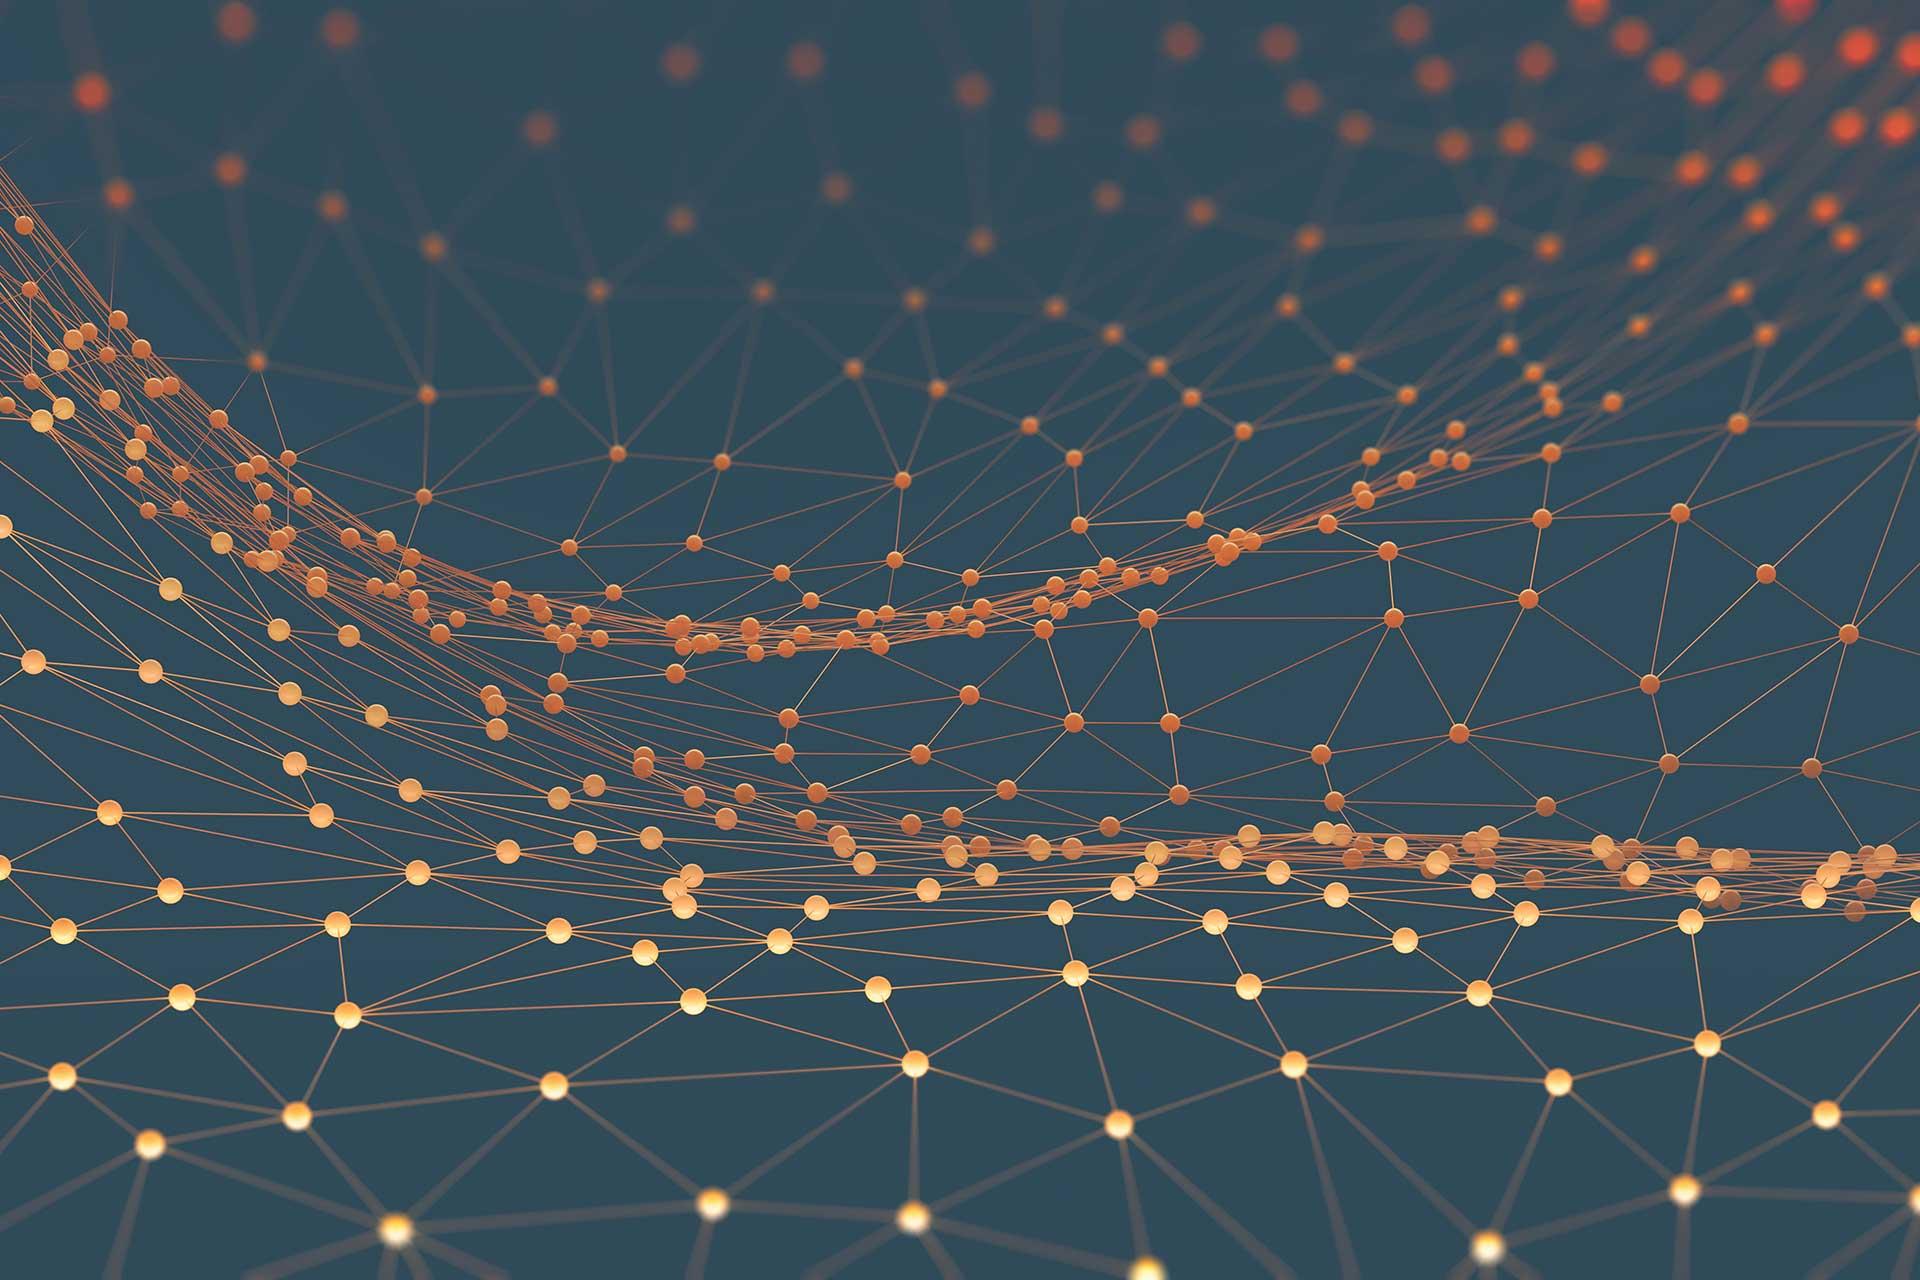 Image representing Digital Arts